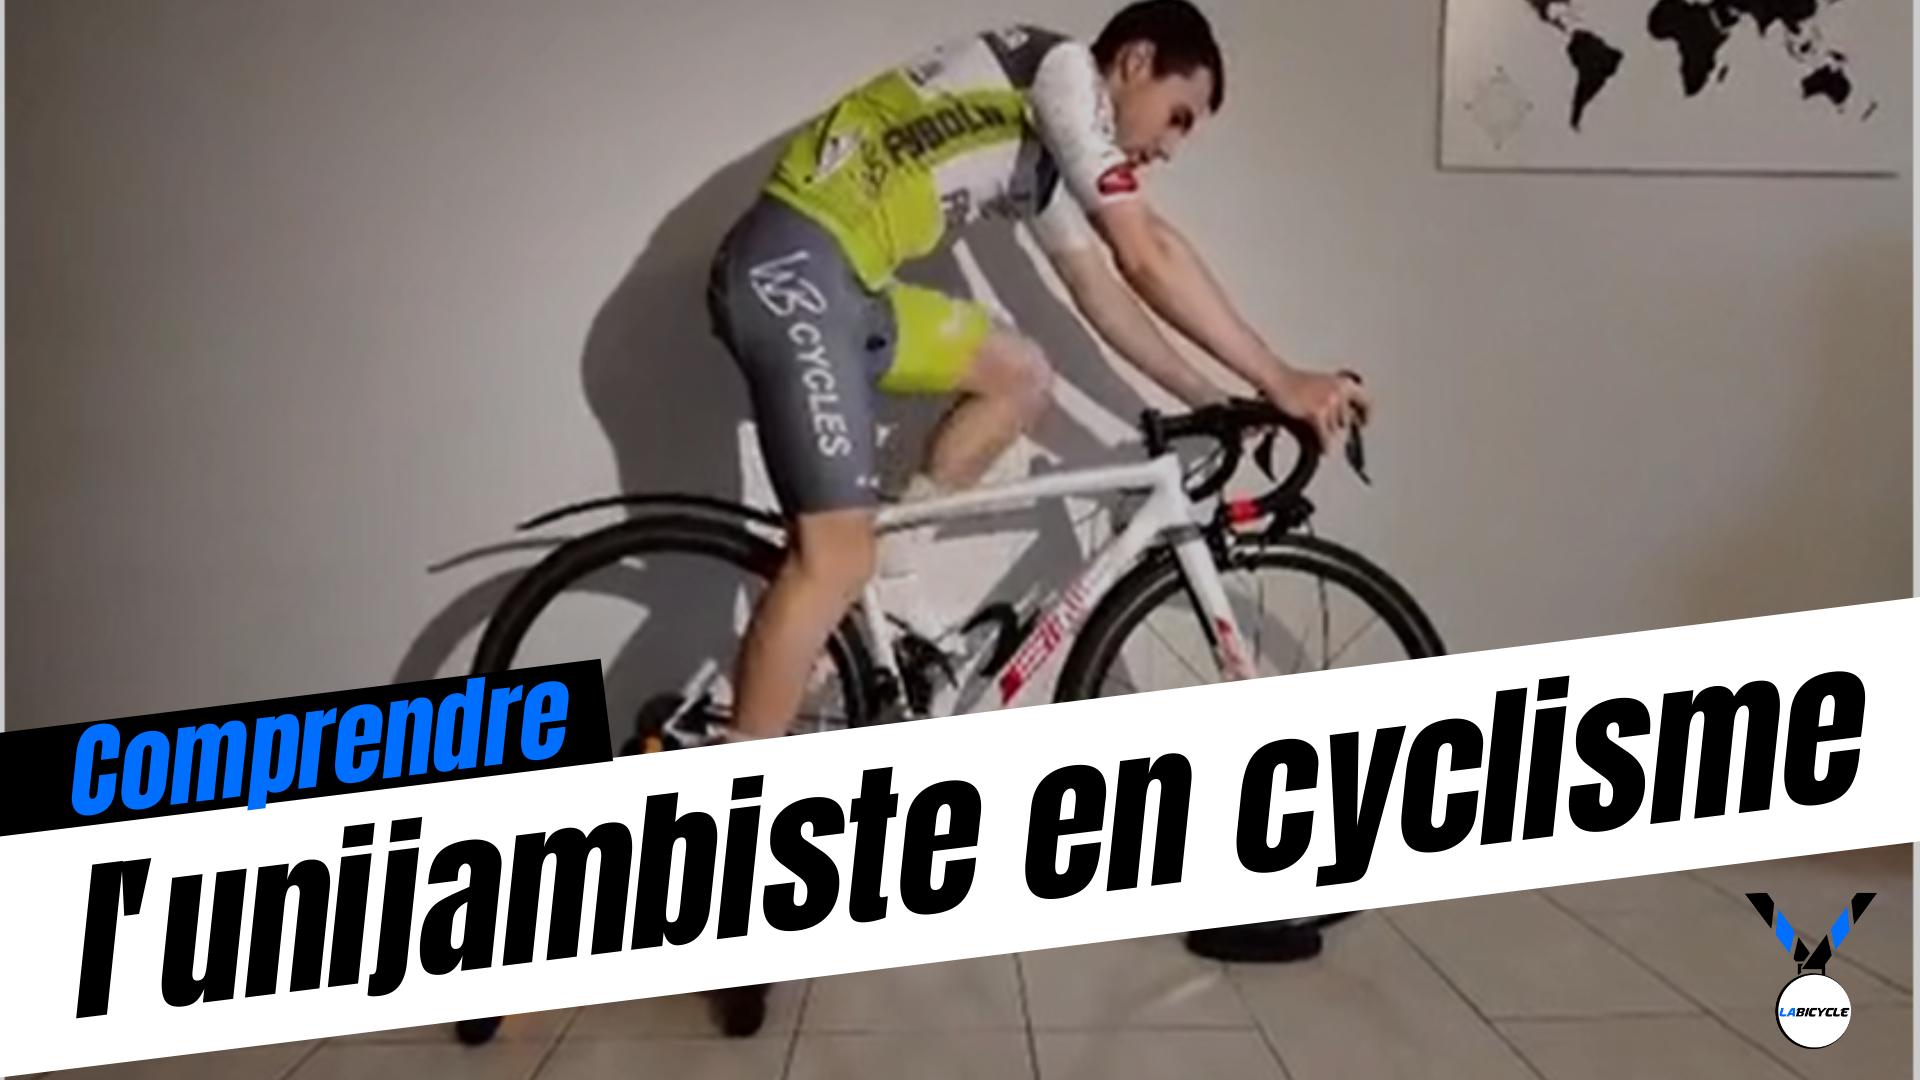 l'unijambiste en cyclisme